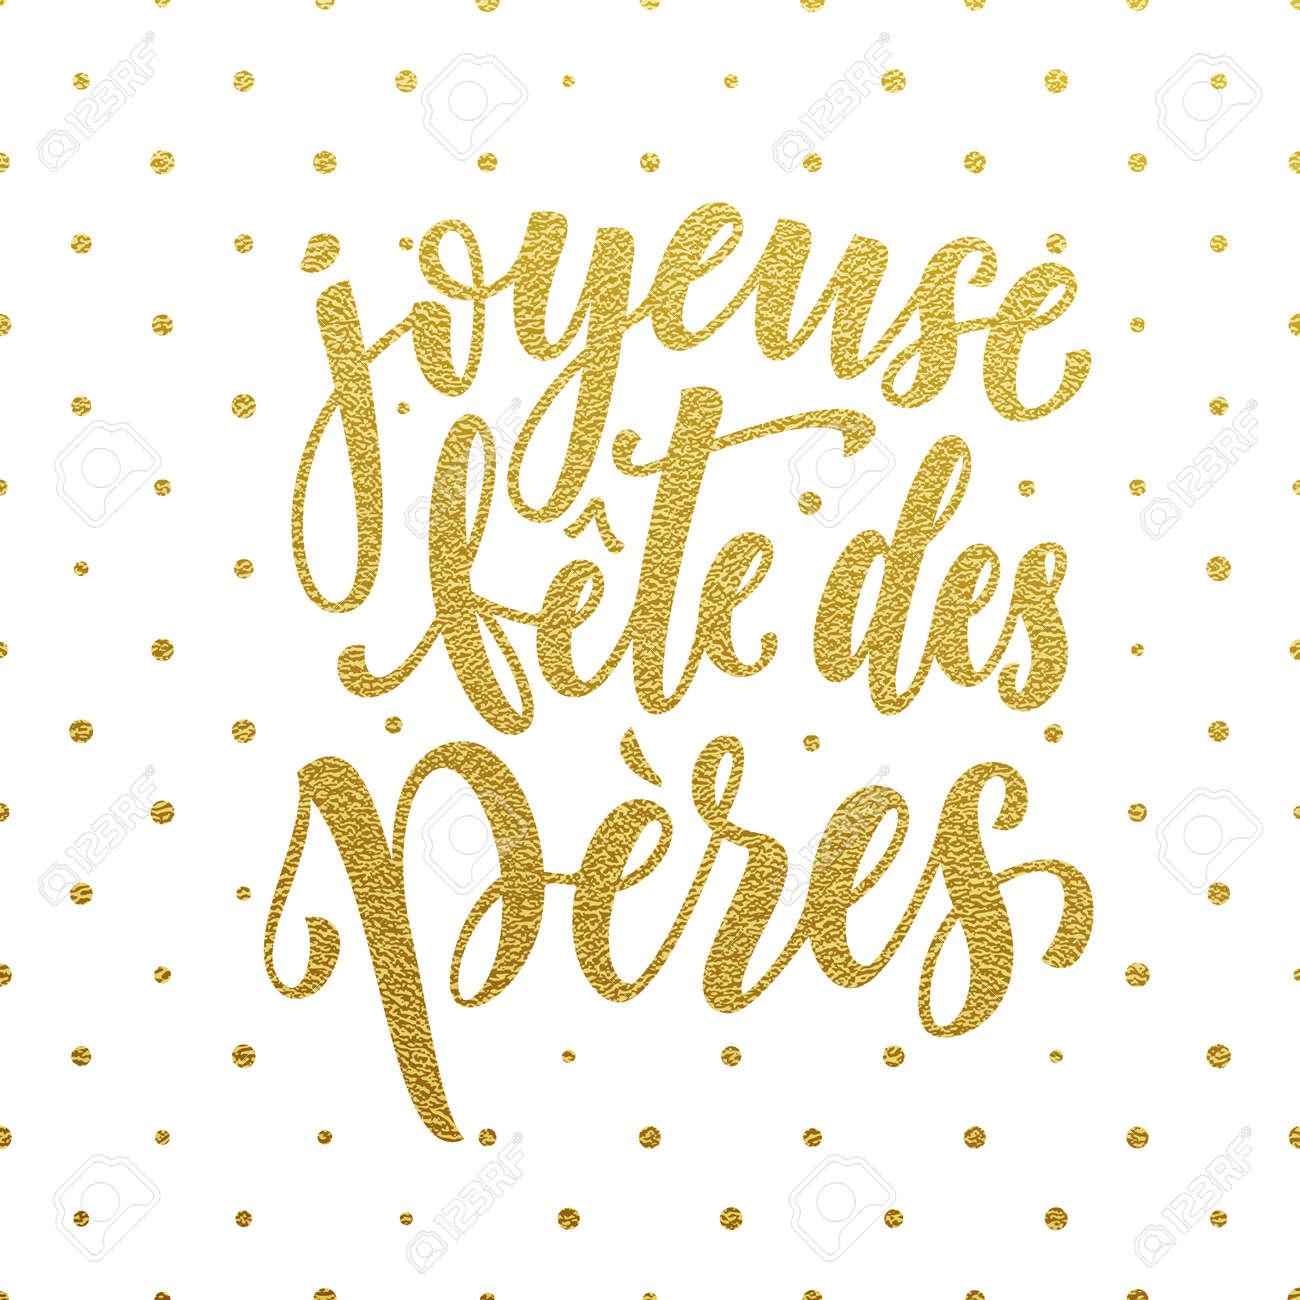 Joyeuse fete des peres fathers day vector french greeting card joyeuse fete des peres fathers day vector french greeting card gold glitter polka dot m4hsunfo